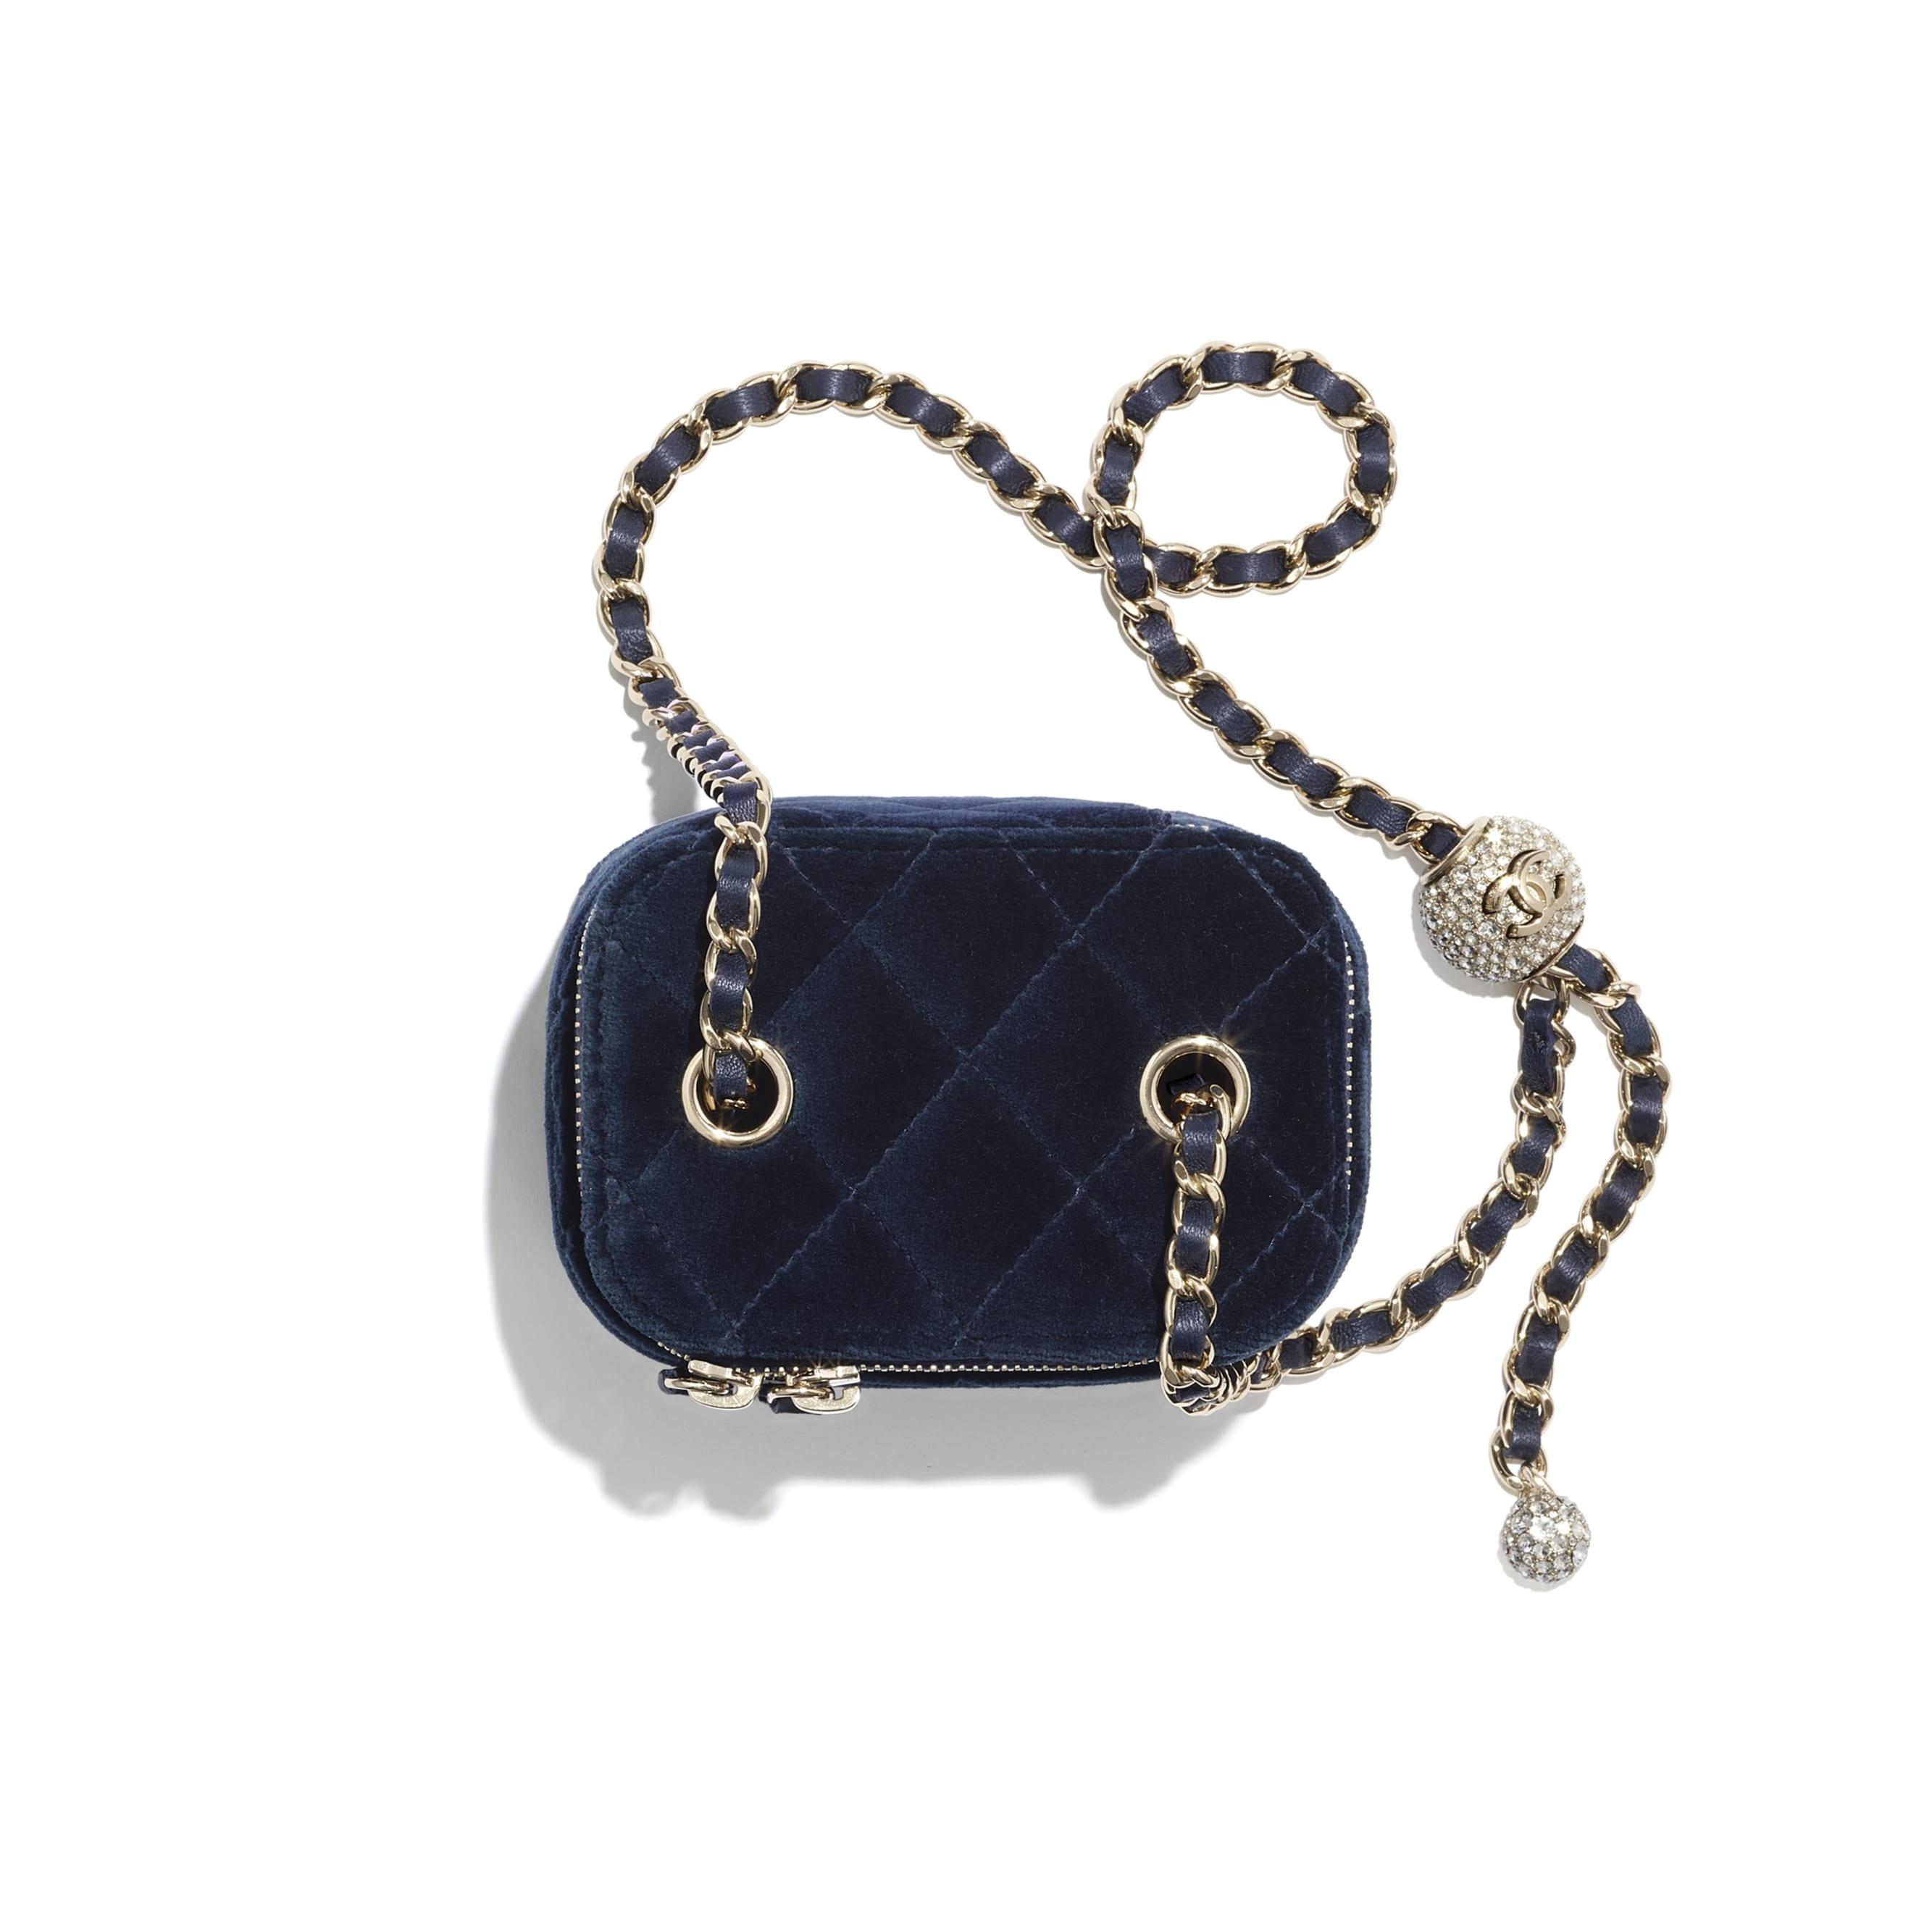 กระเป๋า Vanity ขนาดเล็ก พร้อมสายโซ่ - สีน้ำเงินเนวี่บลู - กำมะหยี่, คริสตัล และโลหะสีทอง - CHANEL - มุมมองทางอื่น - ดูเวอร์ชันขนาดมาตรฐาน